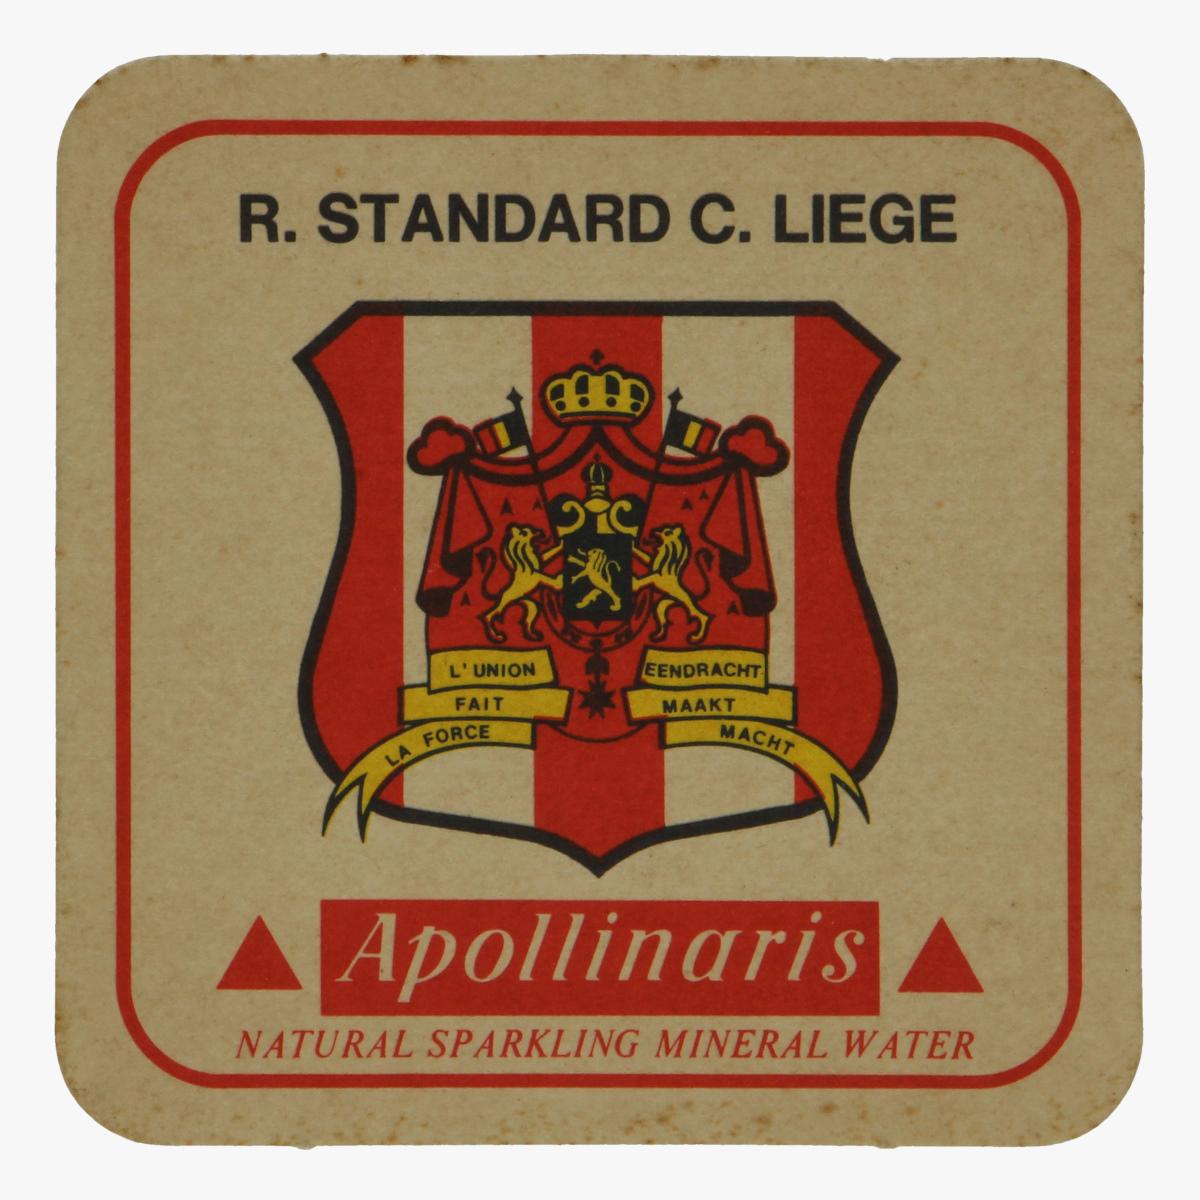 Afbeeldingen van bierkaartje r. standard c.liege apollinaris